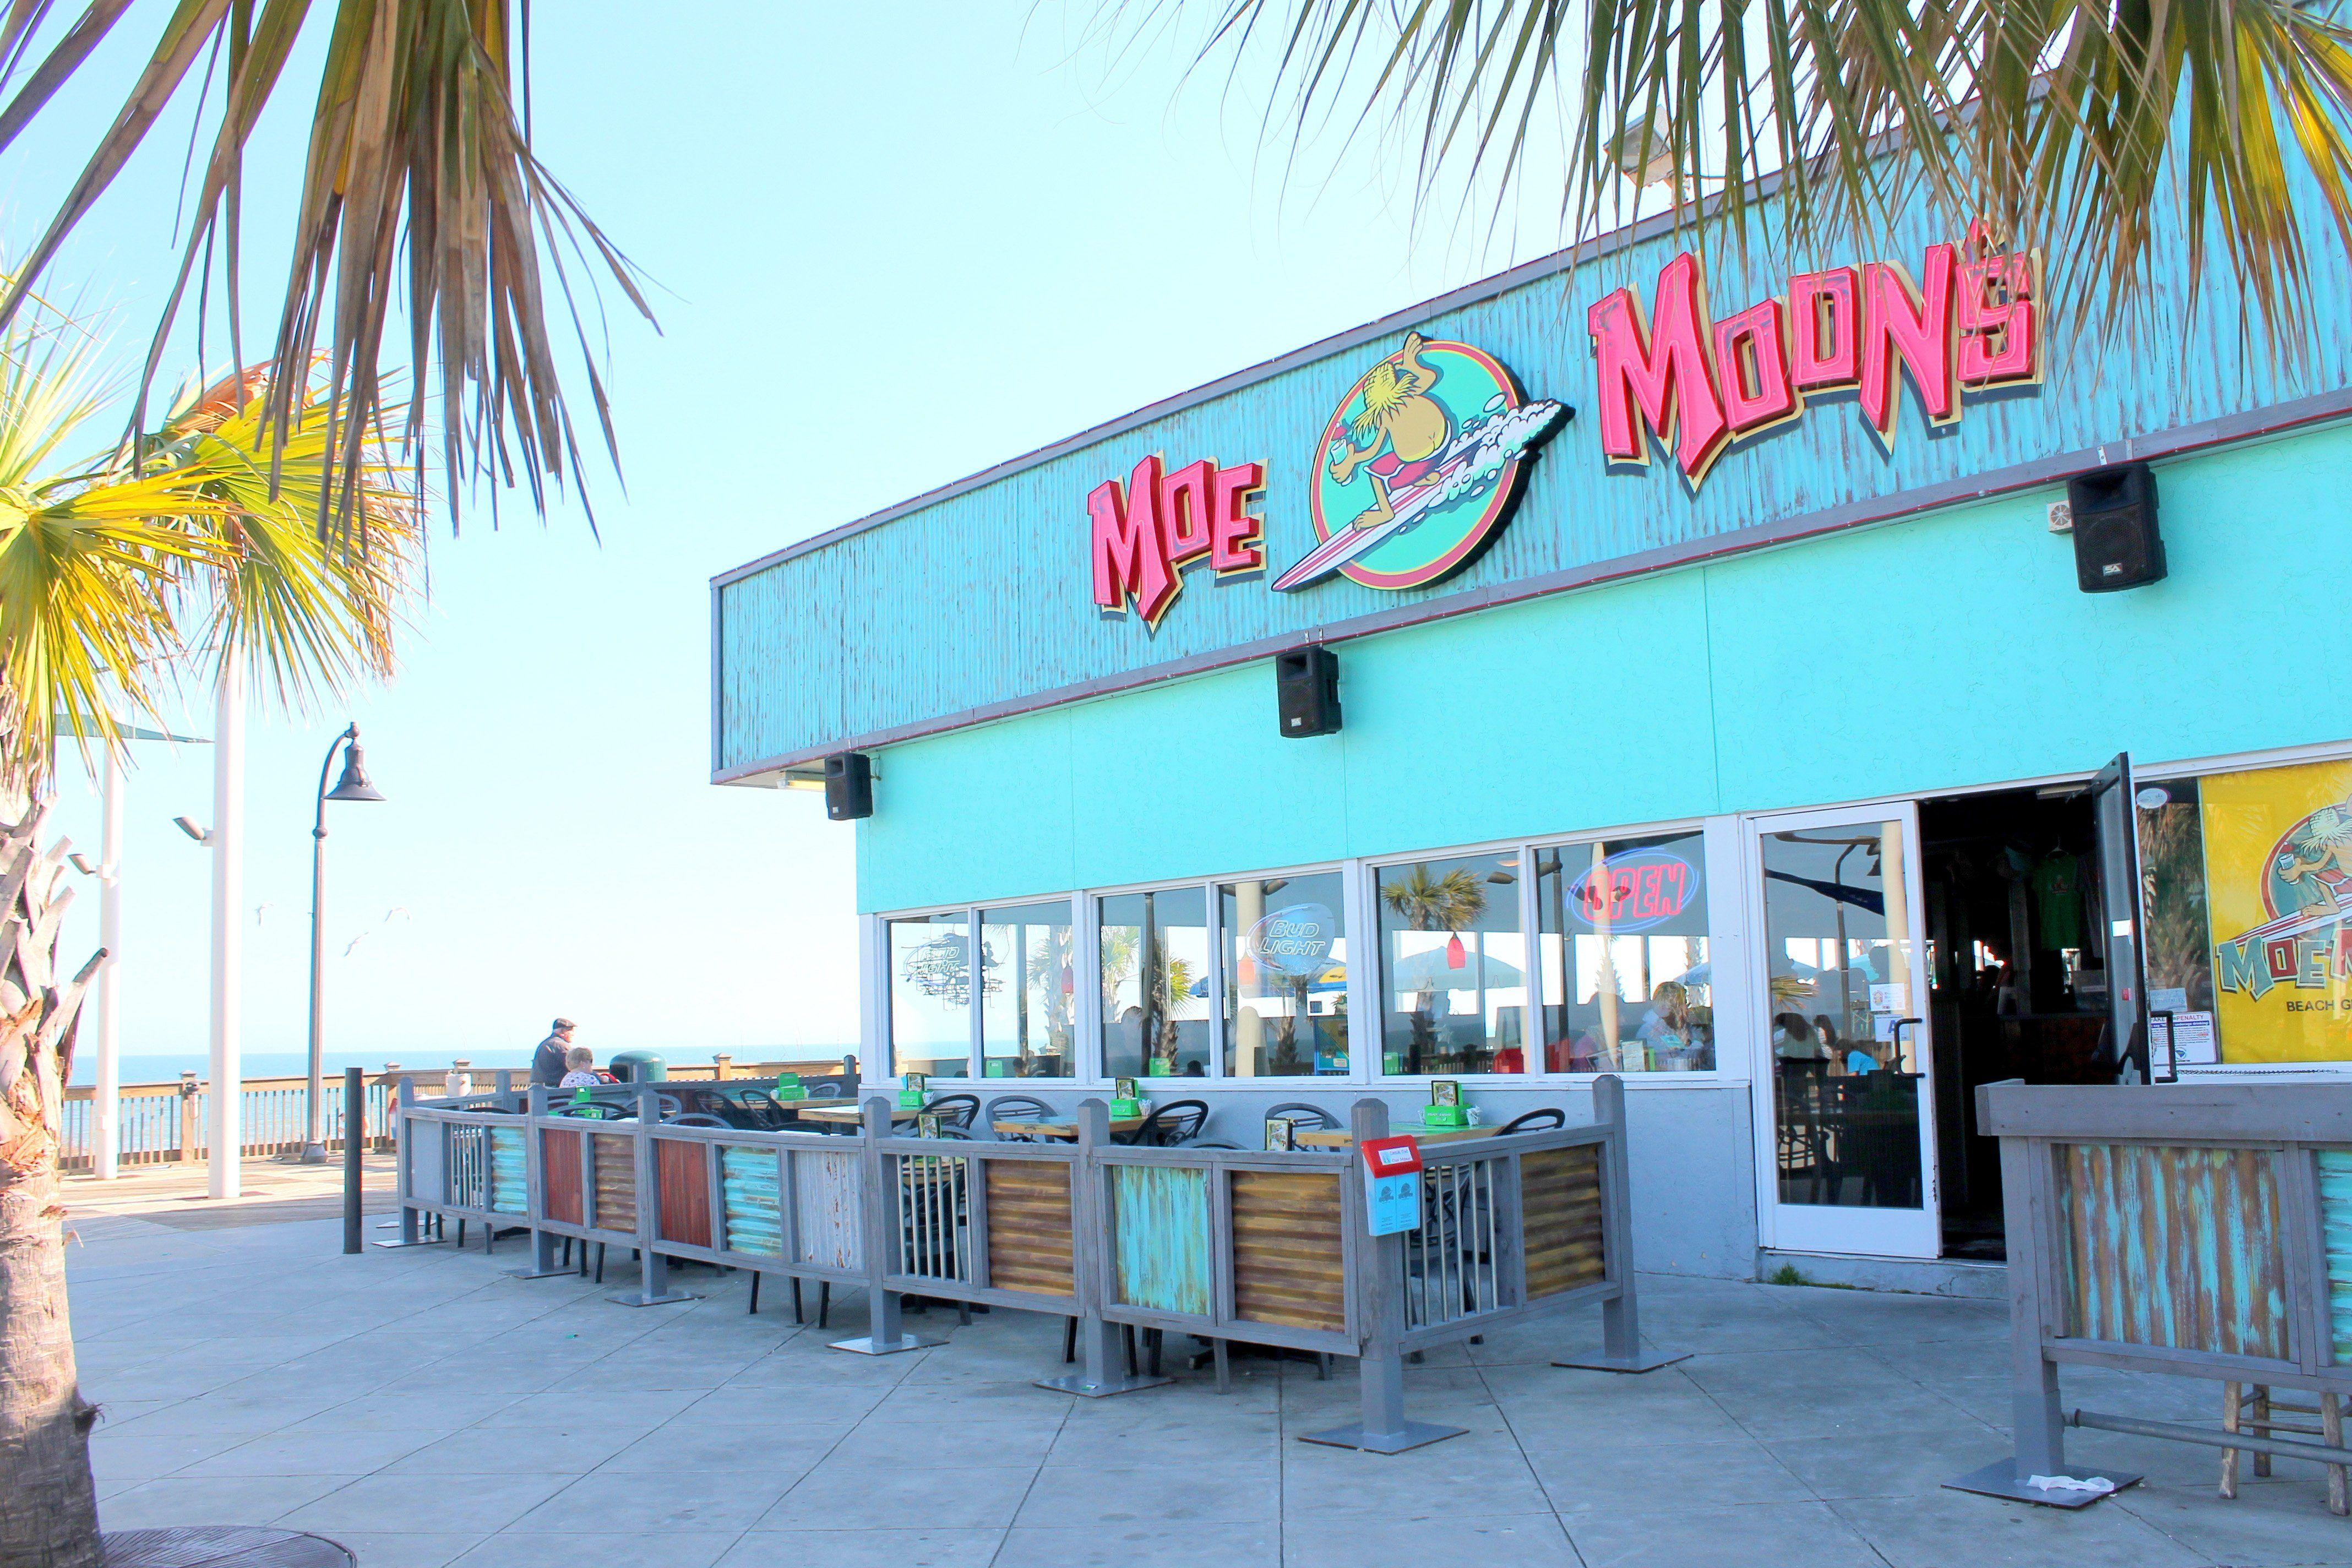 Dog friendly restaurants in myrtle beach myrtle beach